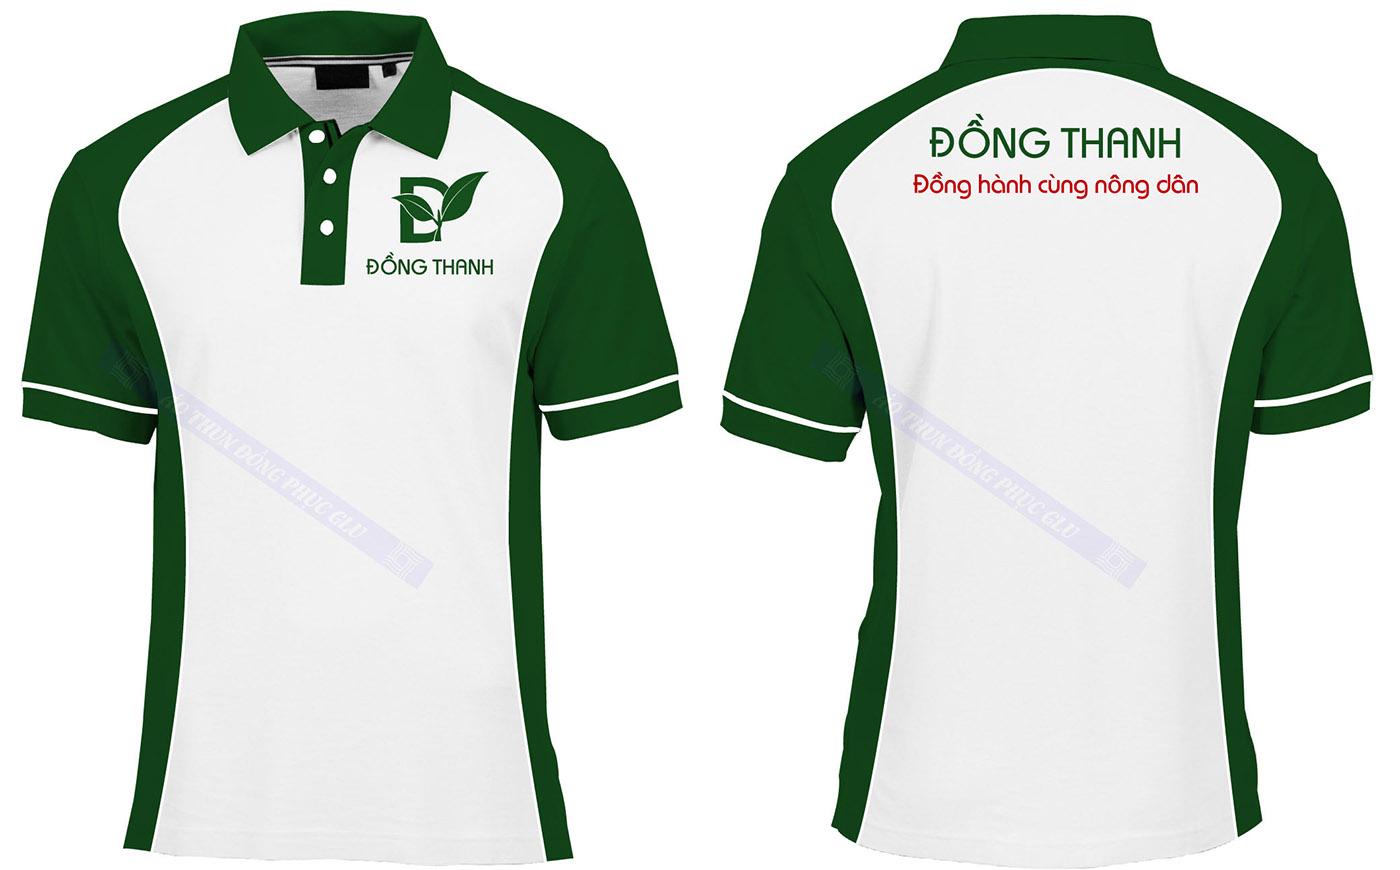 AO THUN DONG THANH